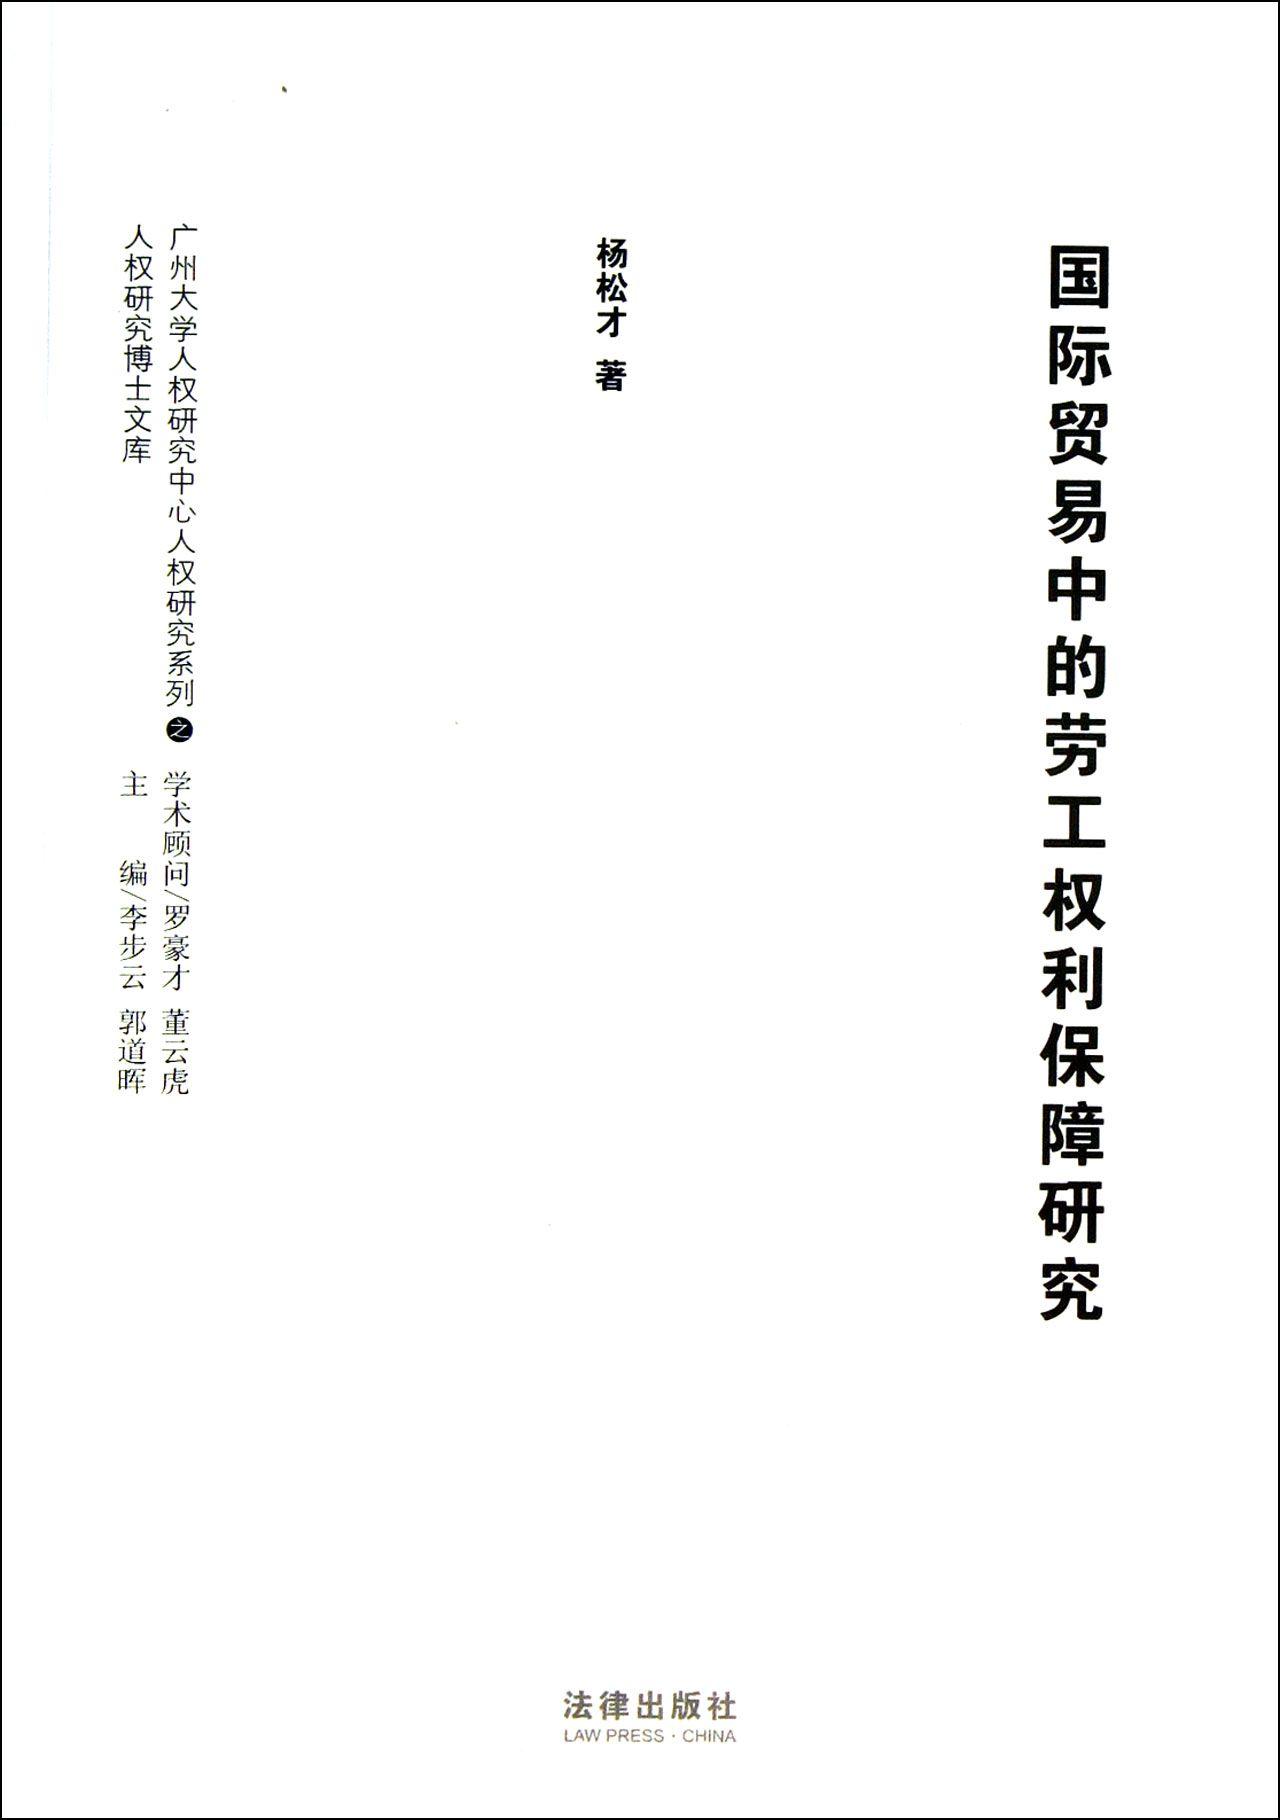 國際貿易中的勞工權利